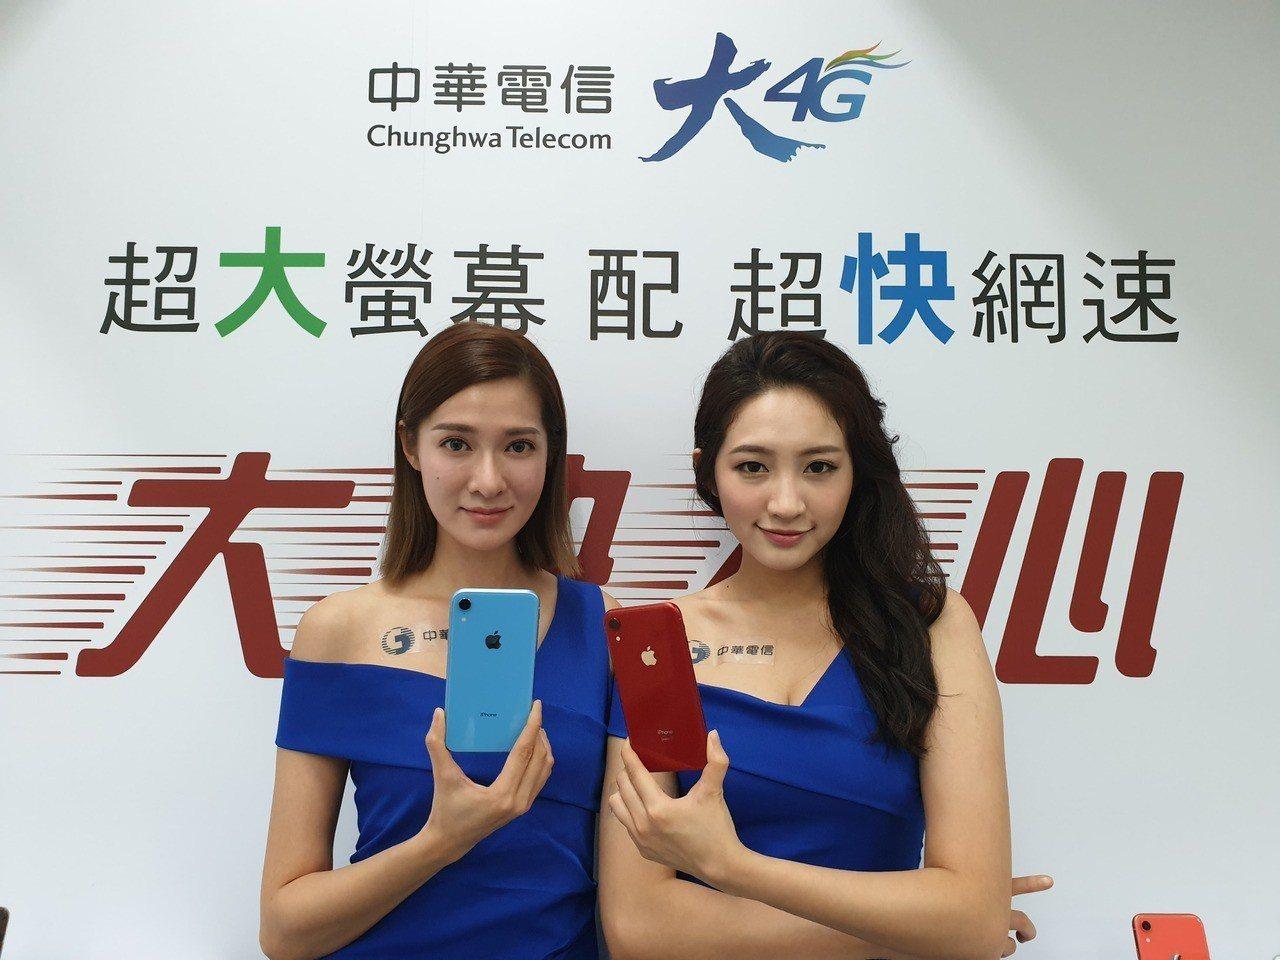 中華電(2412)率先召開法說,坦言今年財測目標的達成恐有困難,為史上頭一遭出現...